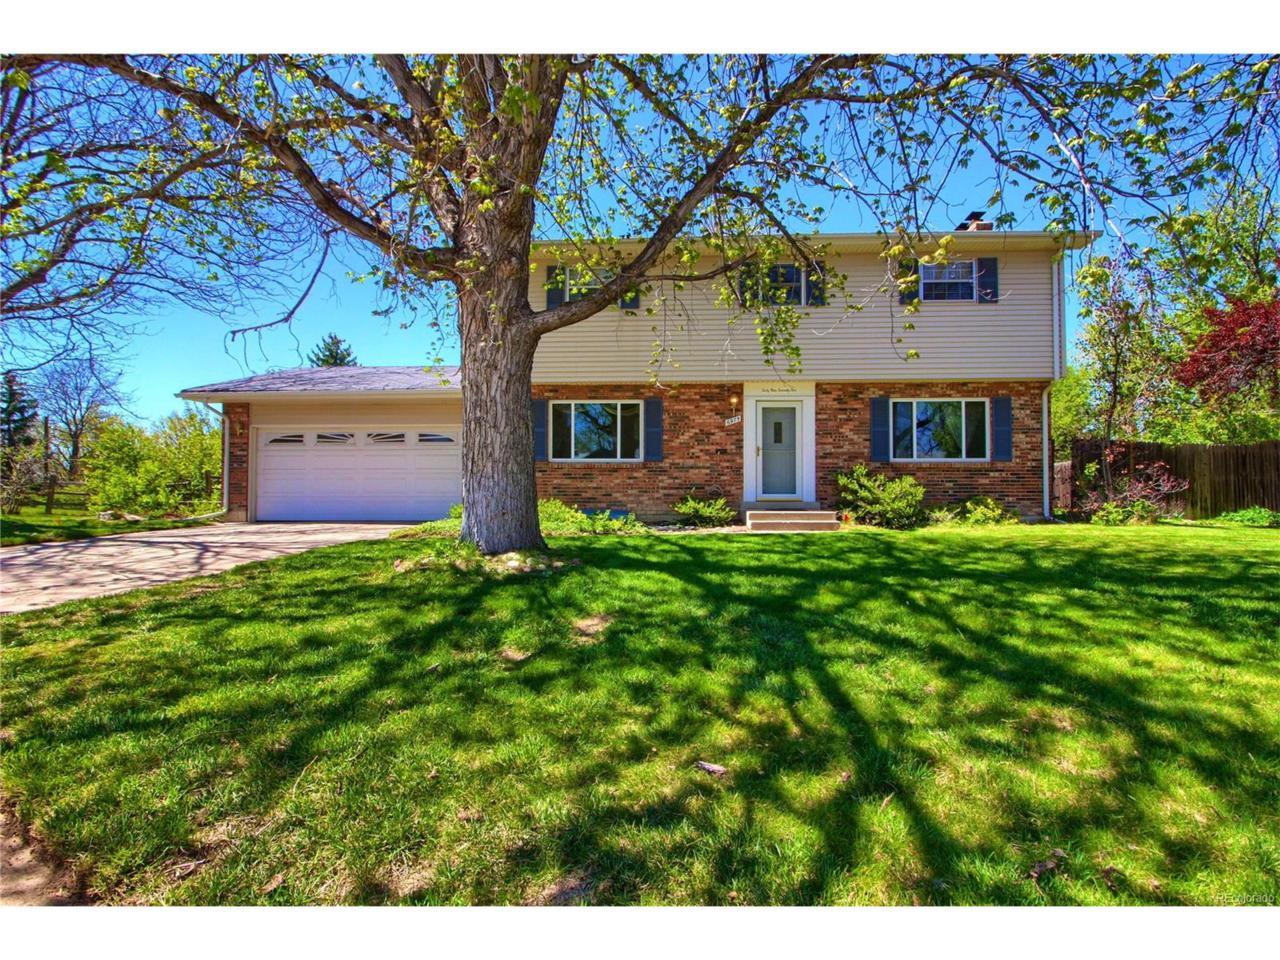 6975 S Ogden Court, Centennial, CO 80122 (MLS #6025398) :: 8z Real Estate